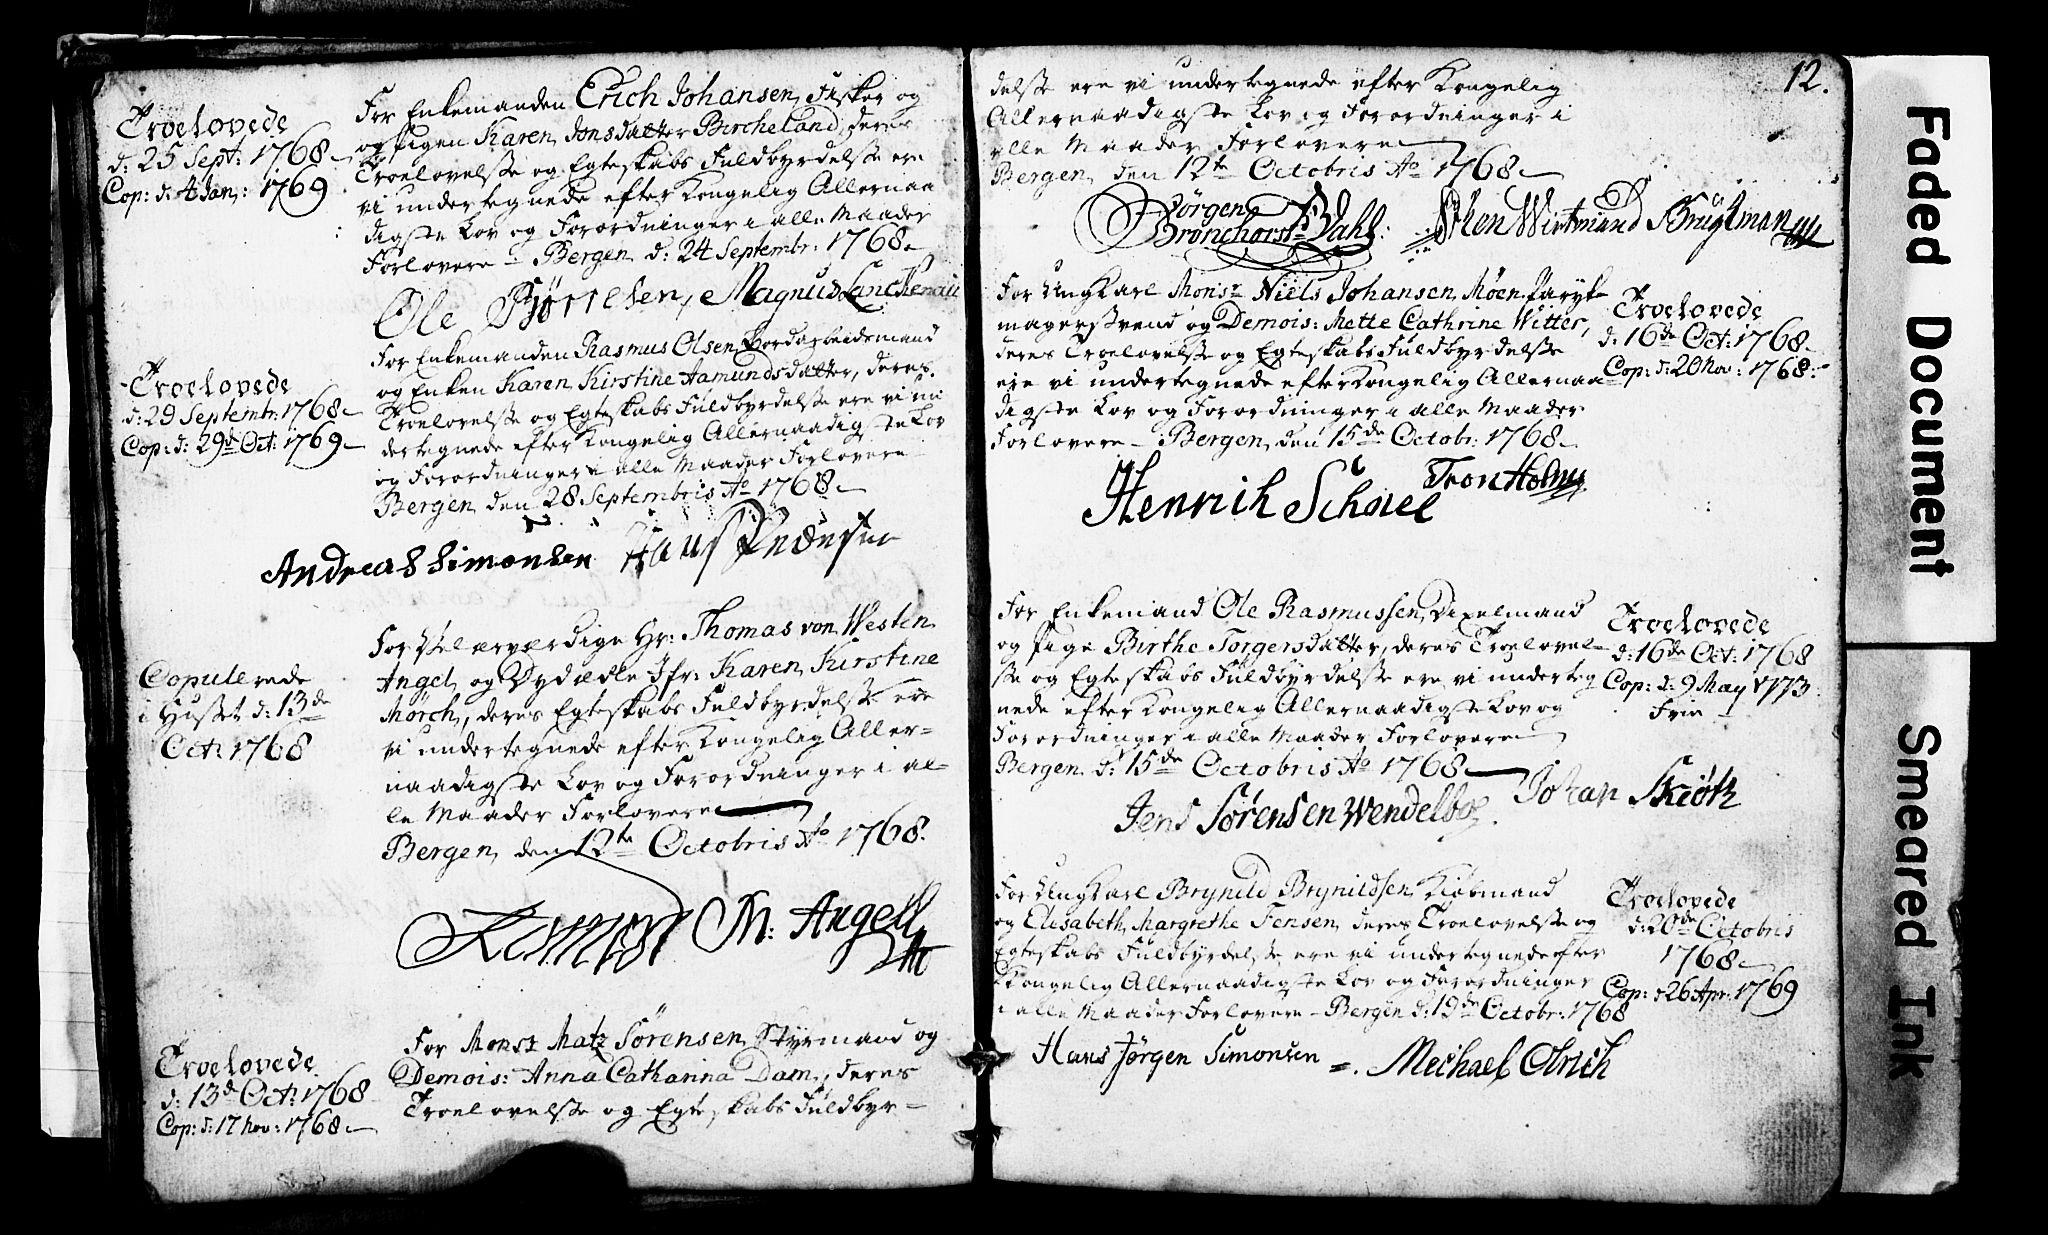 SAB, Domkirken sokneprestembete, Forlovererklæringer nr. II.5.1, 1767-1792, s. 12